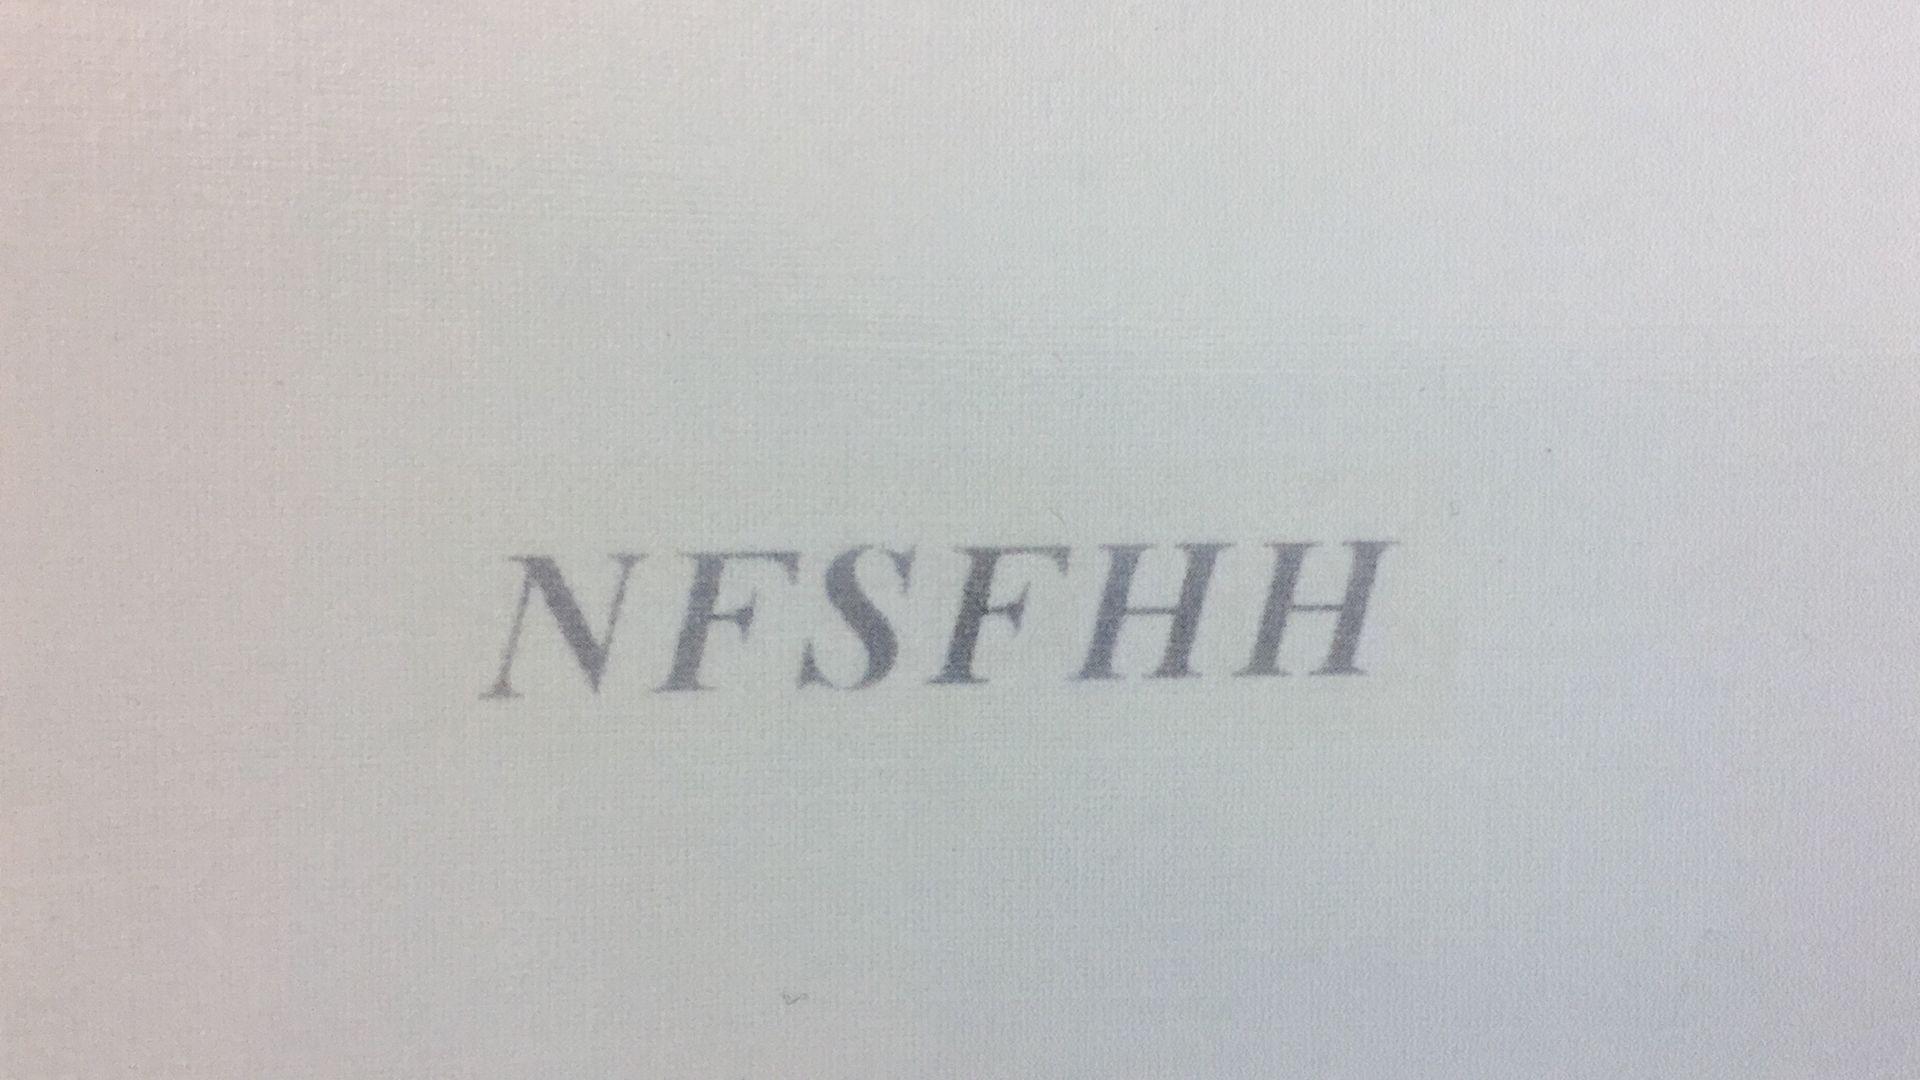 NFSFHH